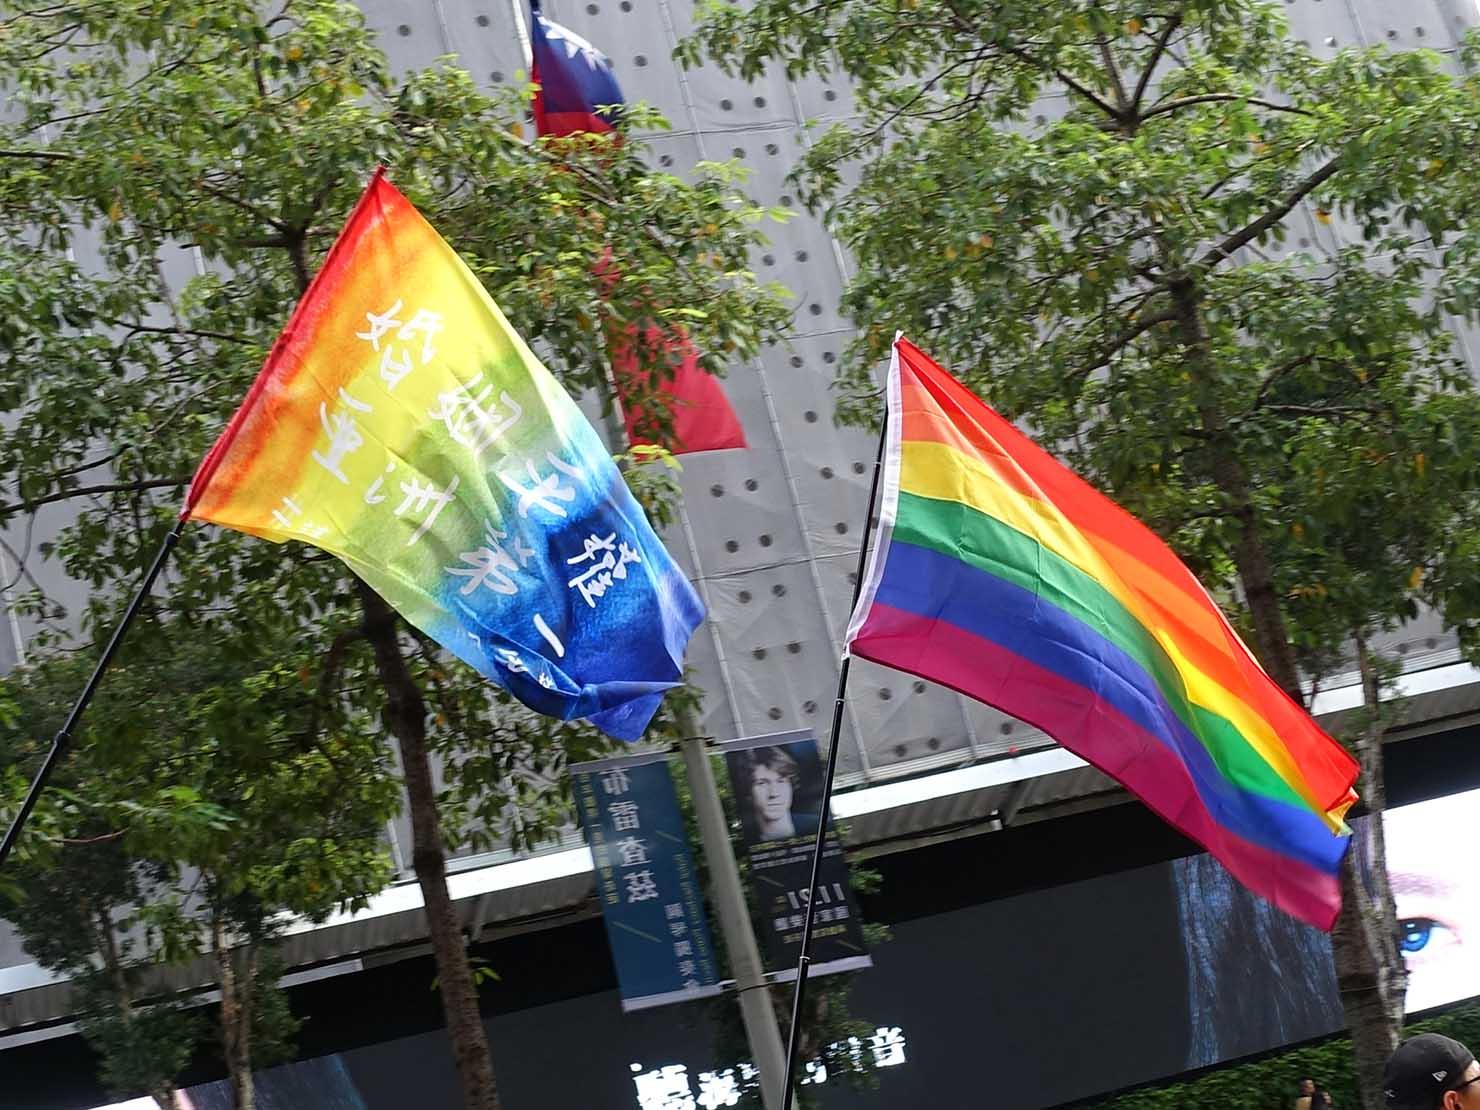 台灣同志遊行(台湾LGBTプライド)2019のパレード隊列にはためくレインボーフラッグ